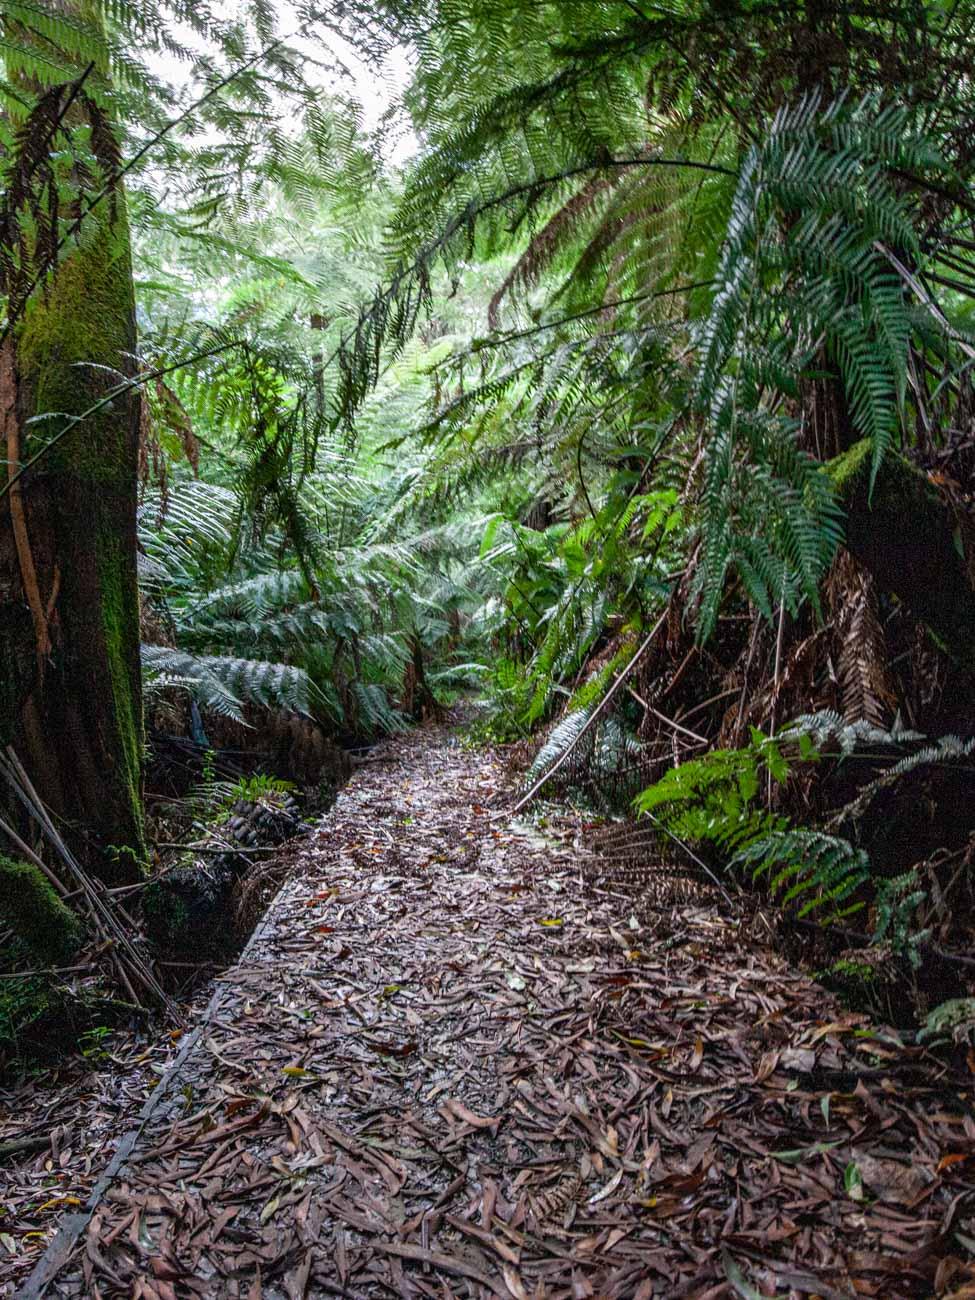 leaf-covered boardwalk - The Dandenongs